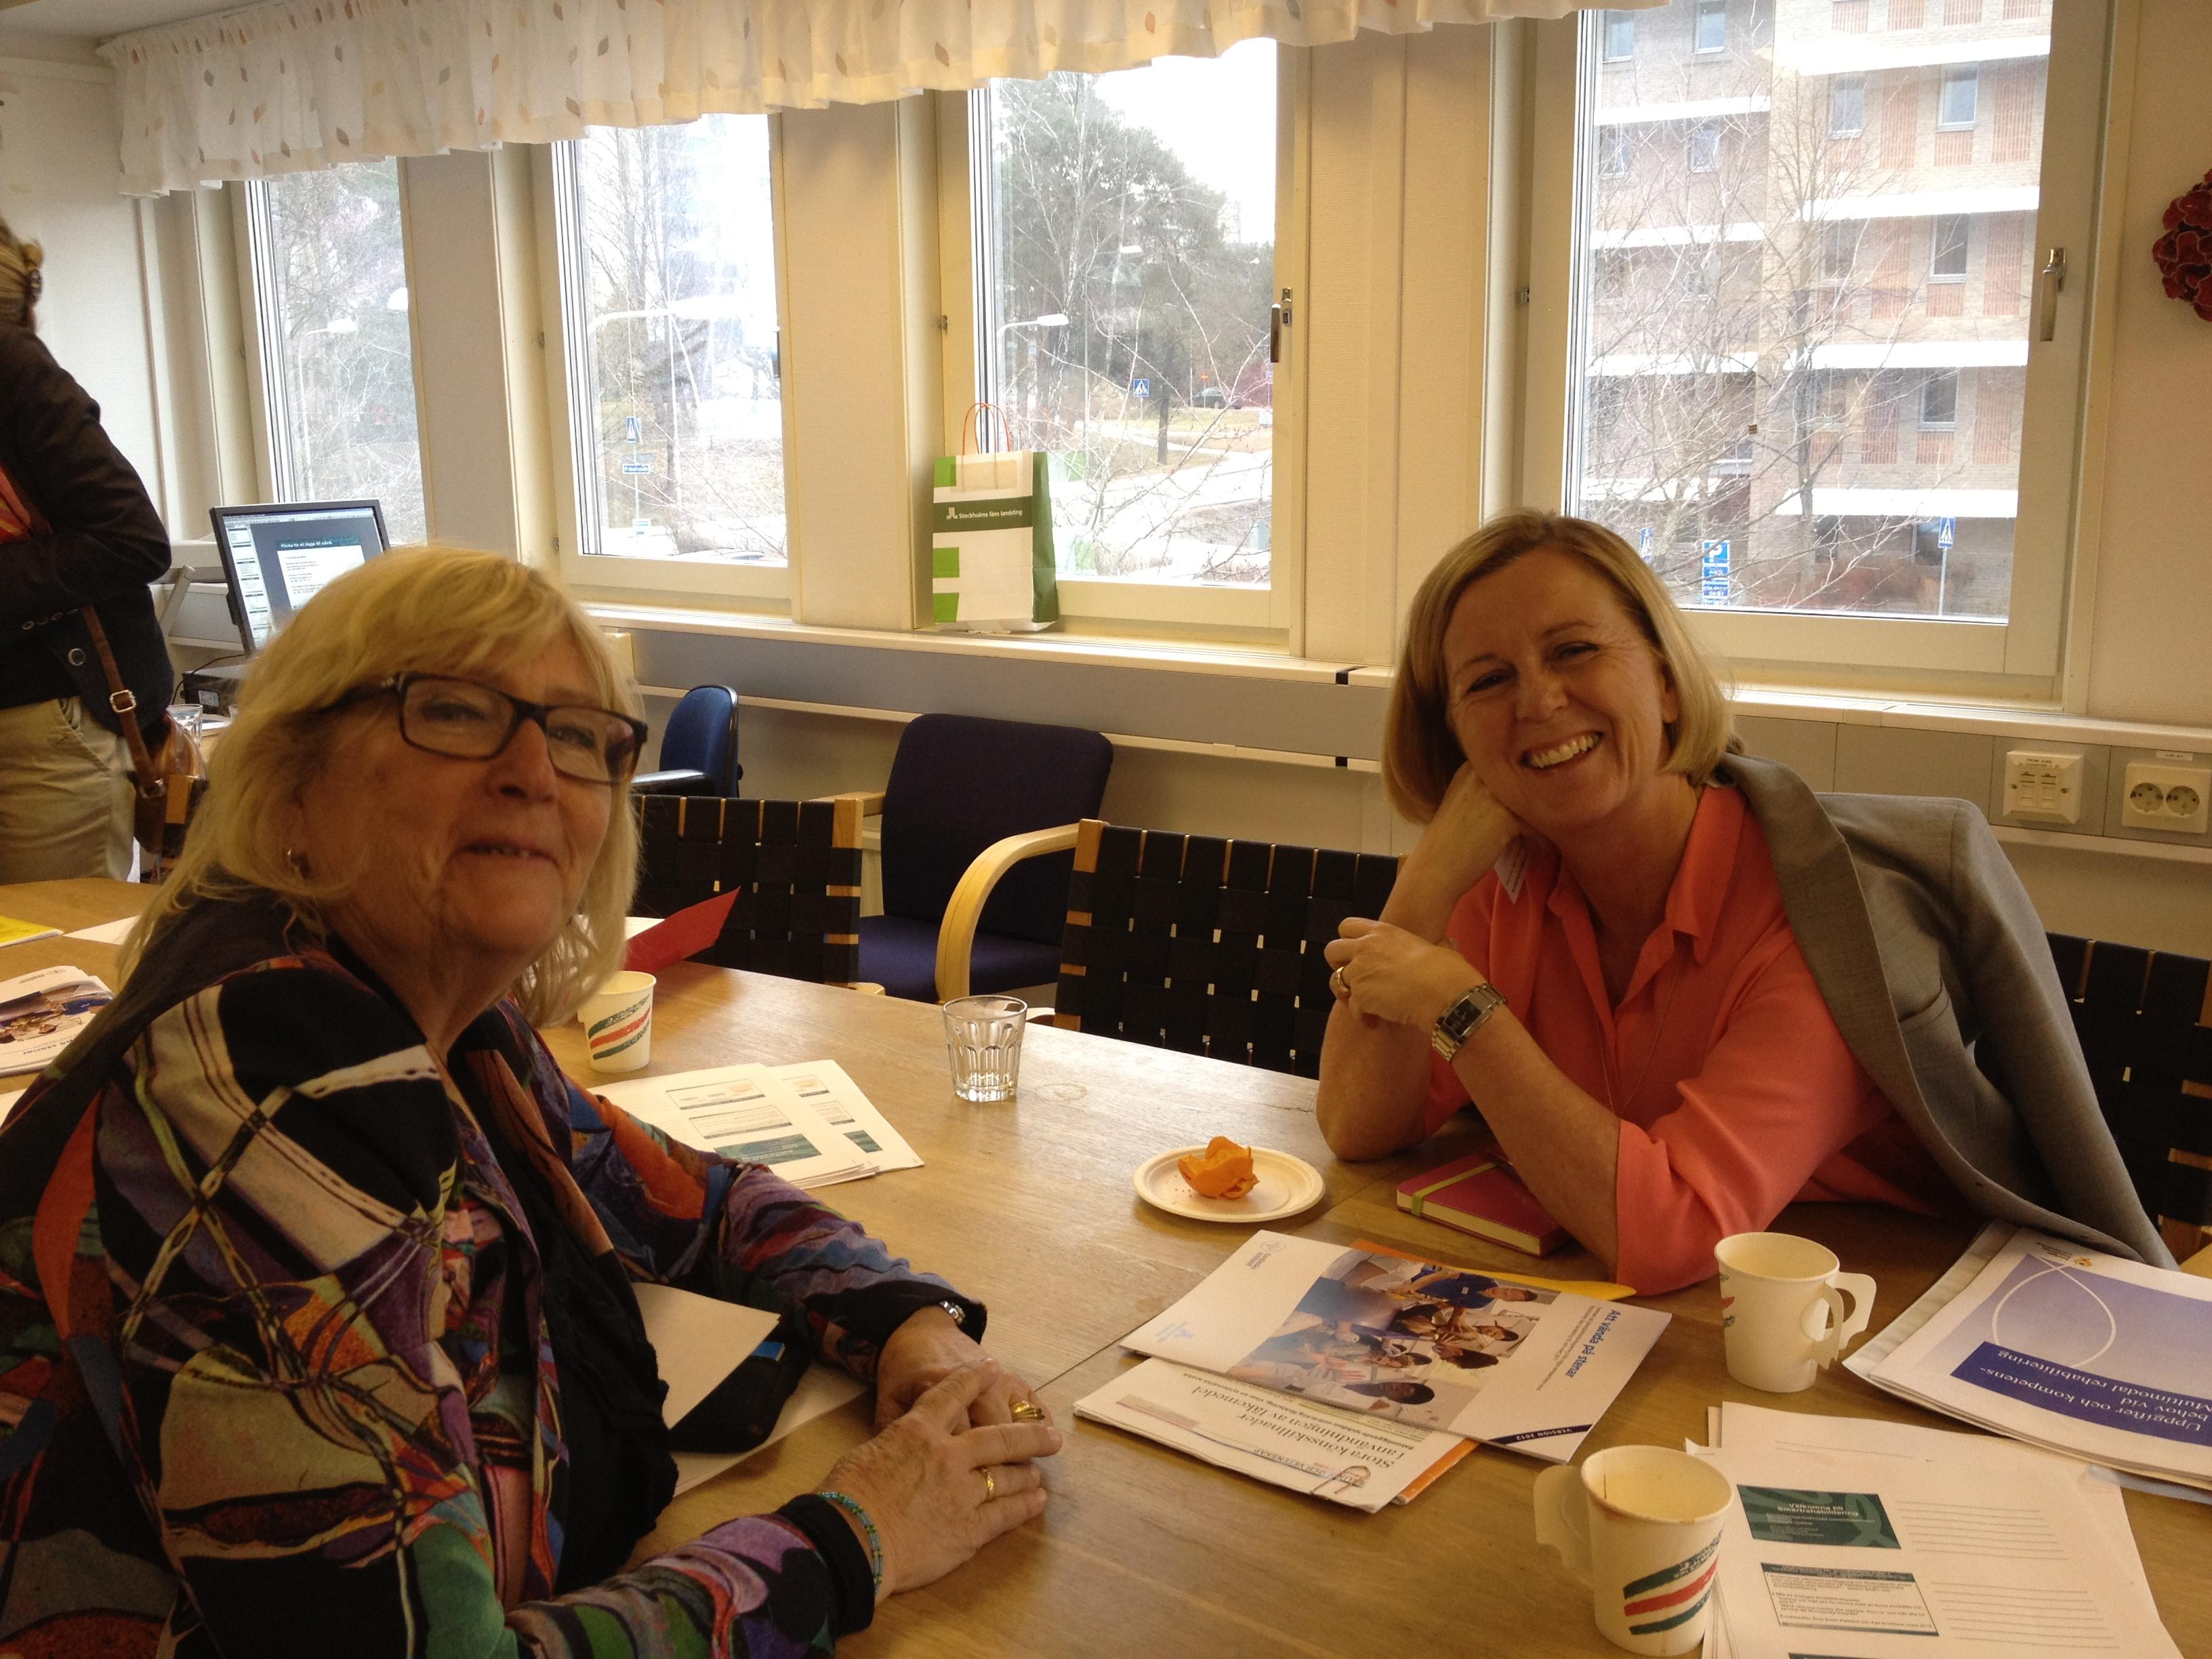 Jämställdhetsminister Maria Arnholm och jämställdhetsstrategen Karin Schenck-Gustafsson pratar jämställdhetsarbete i vården.